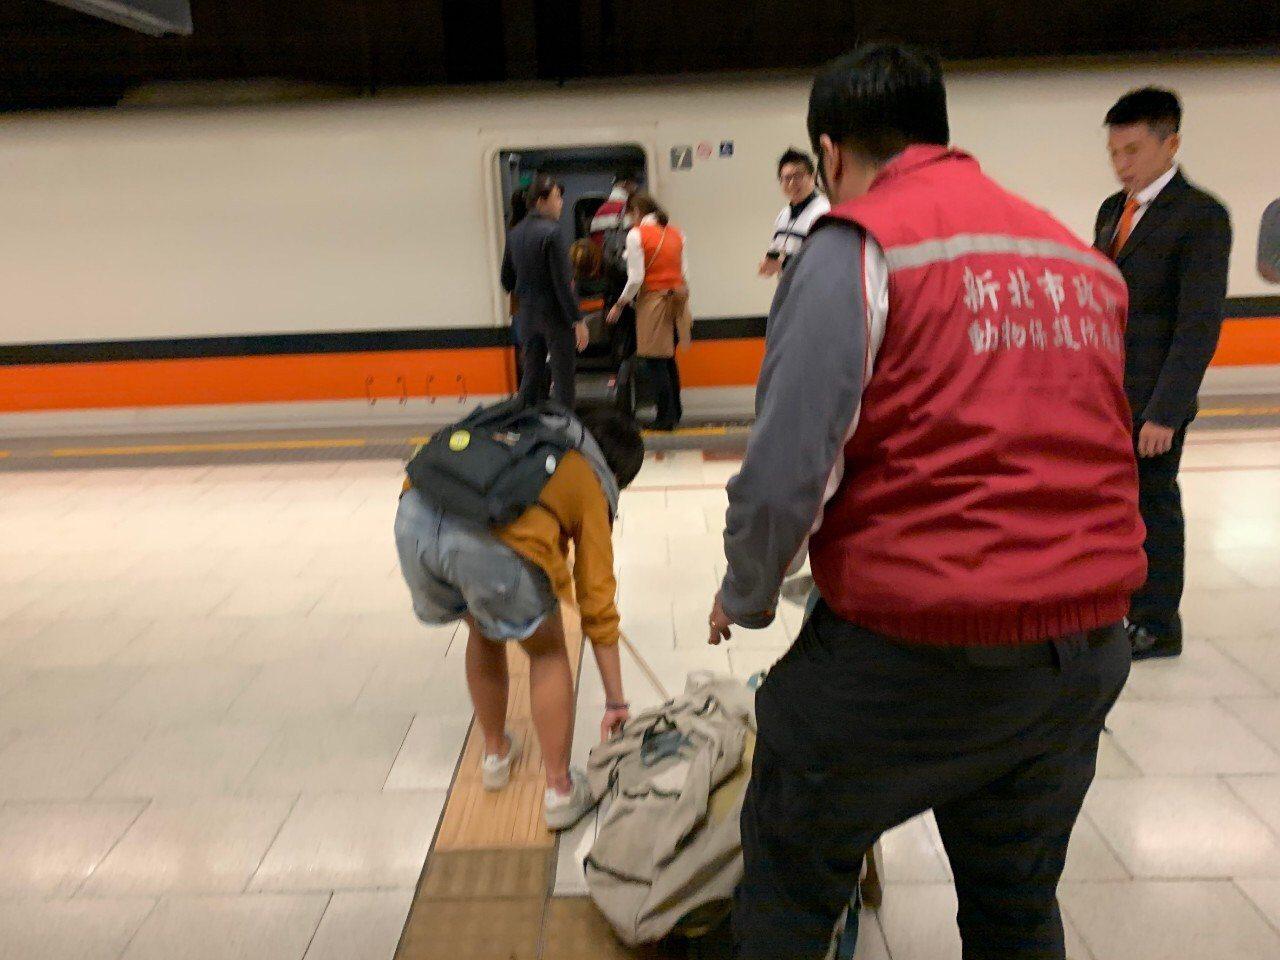 高鐵最特別旅客,傷龜石門沙灘擱淺專人送屏東海生物。圖/新北市政府動保處提供